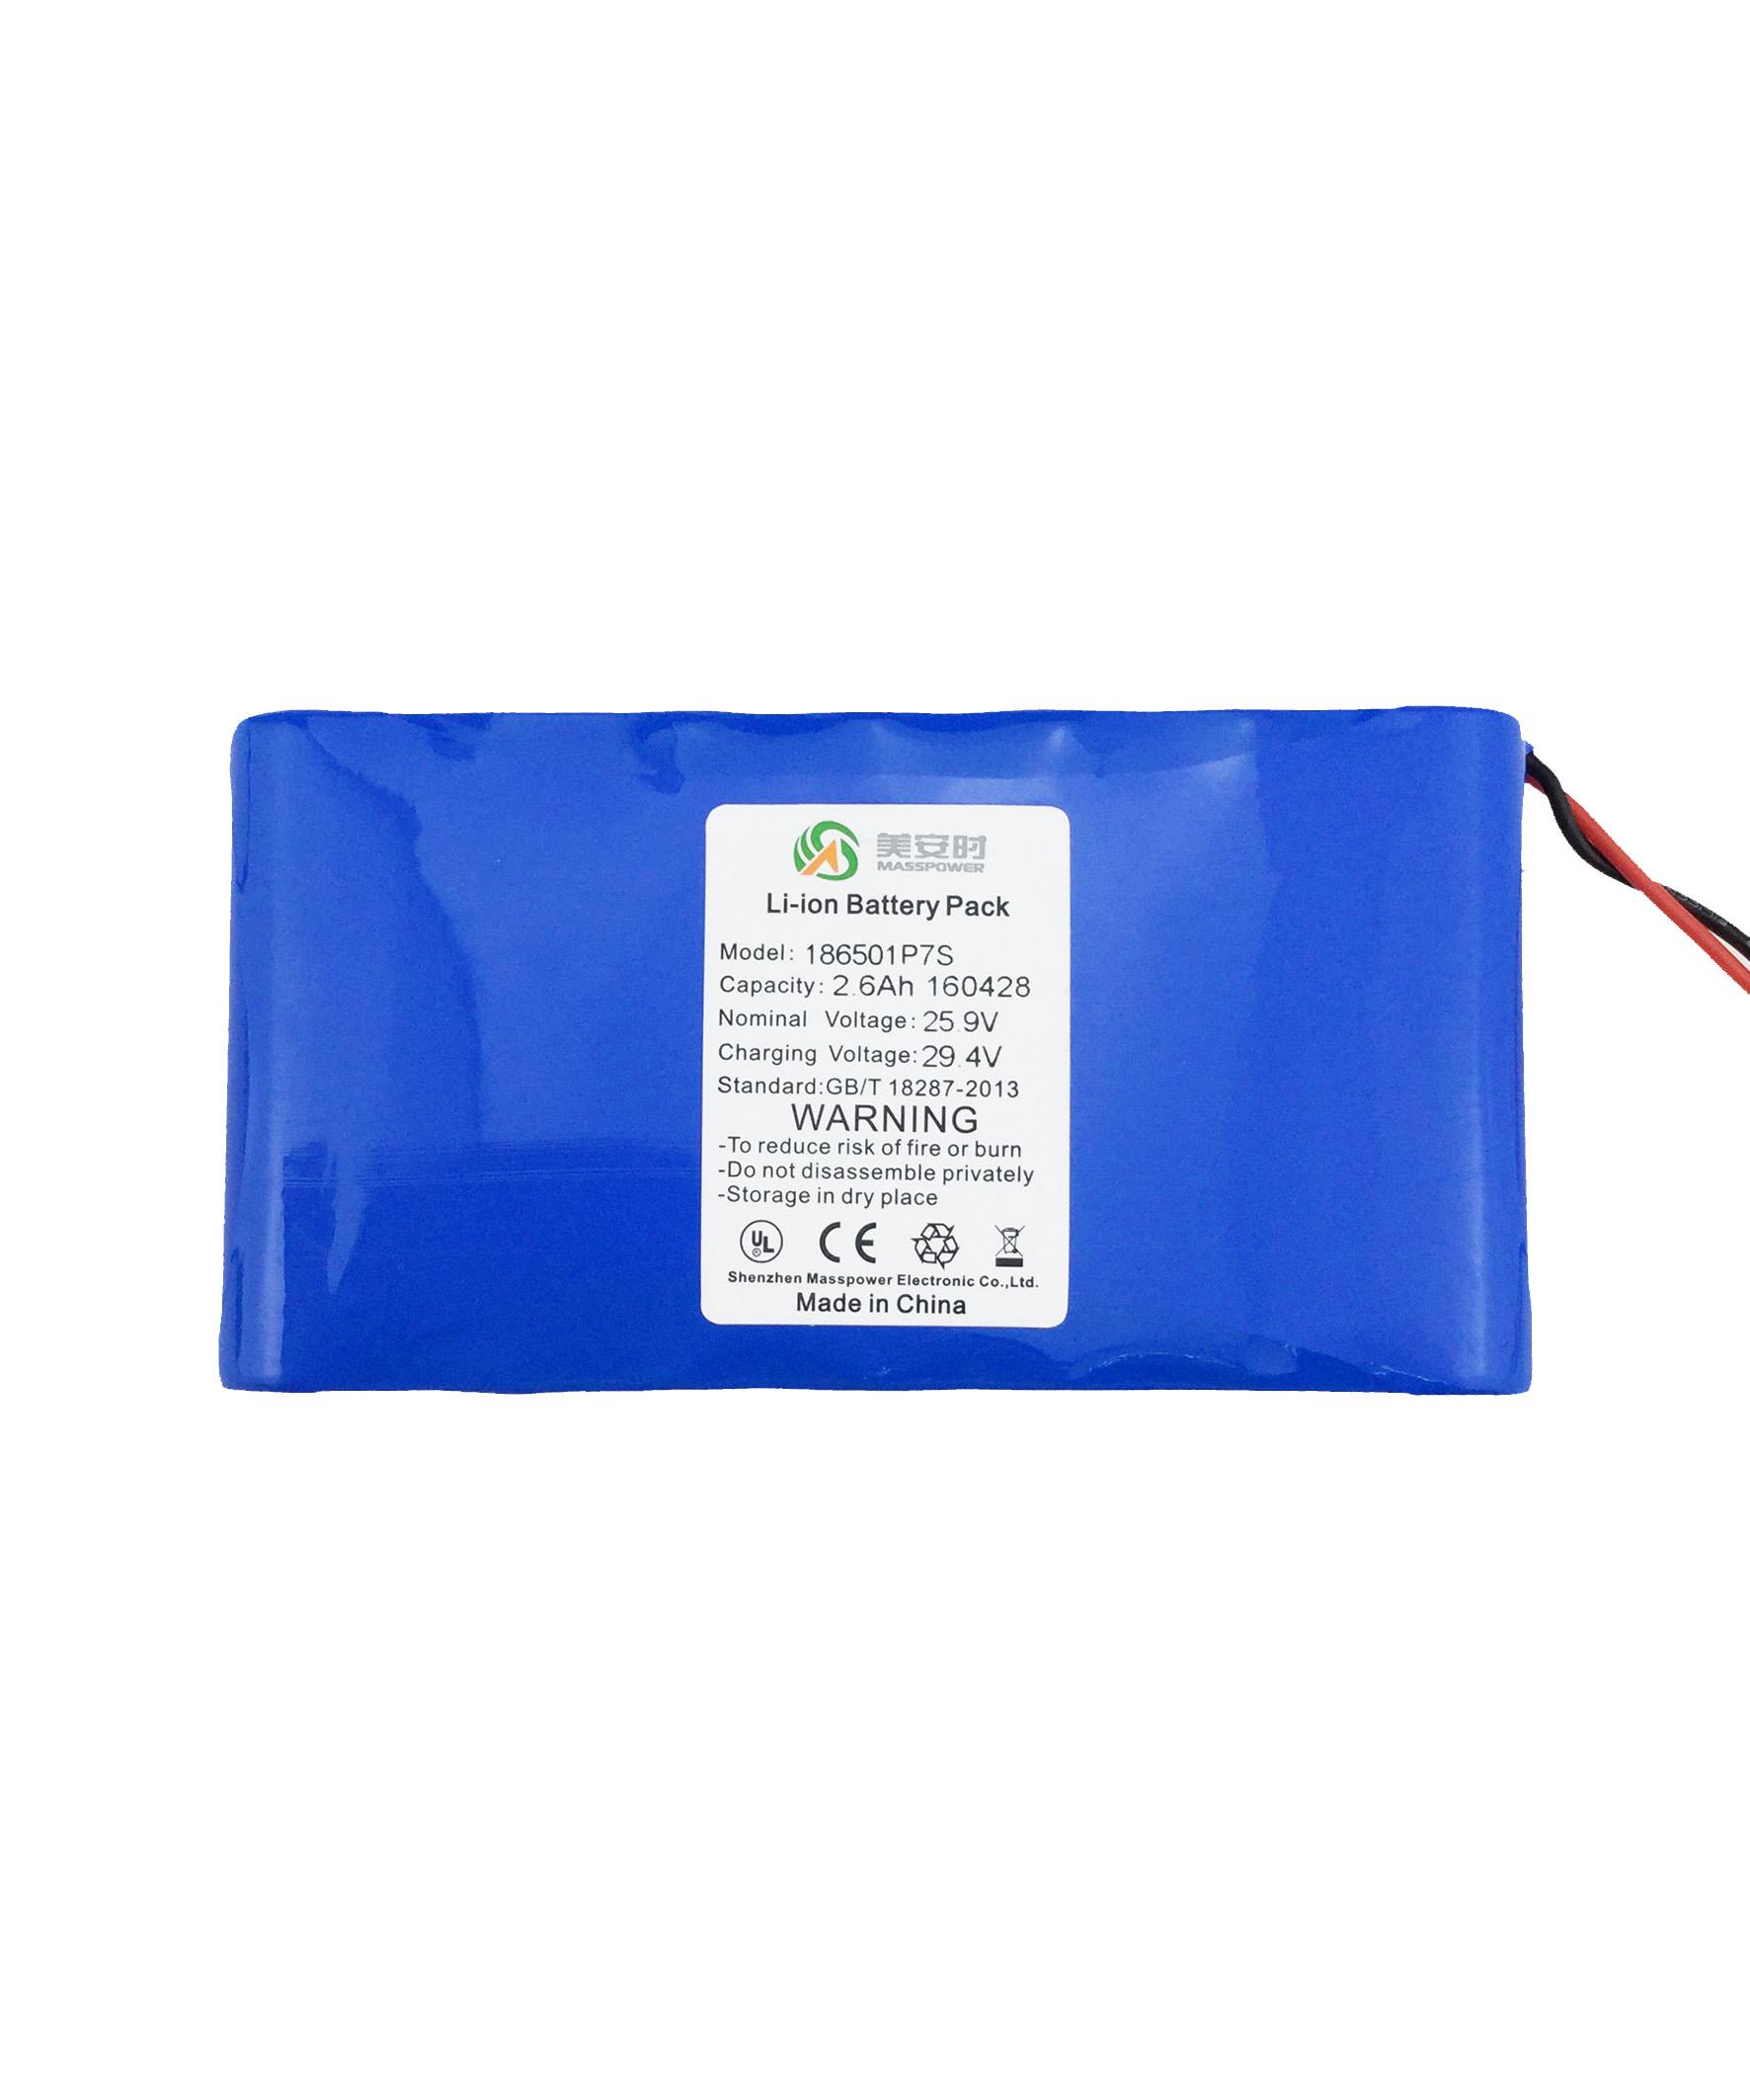 25.9V 2.6Ah丨根管治疗仪锂电池